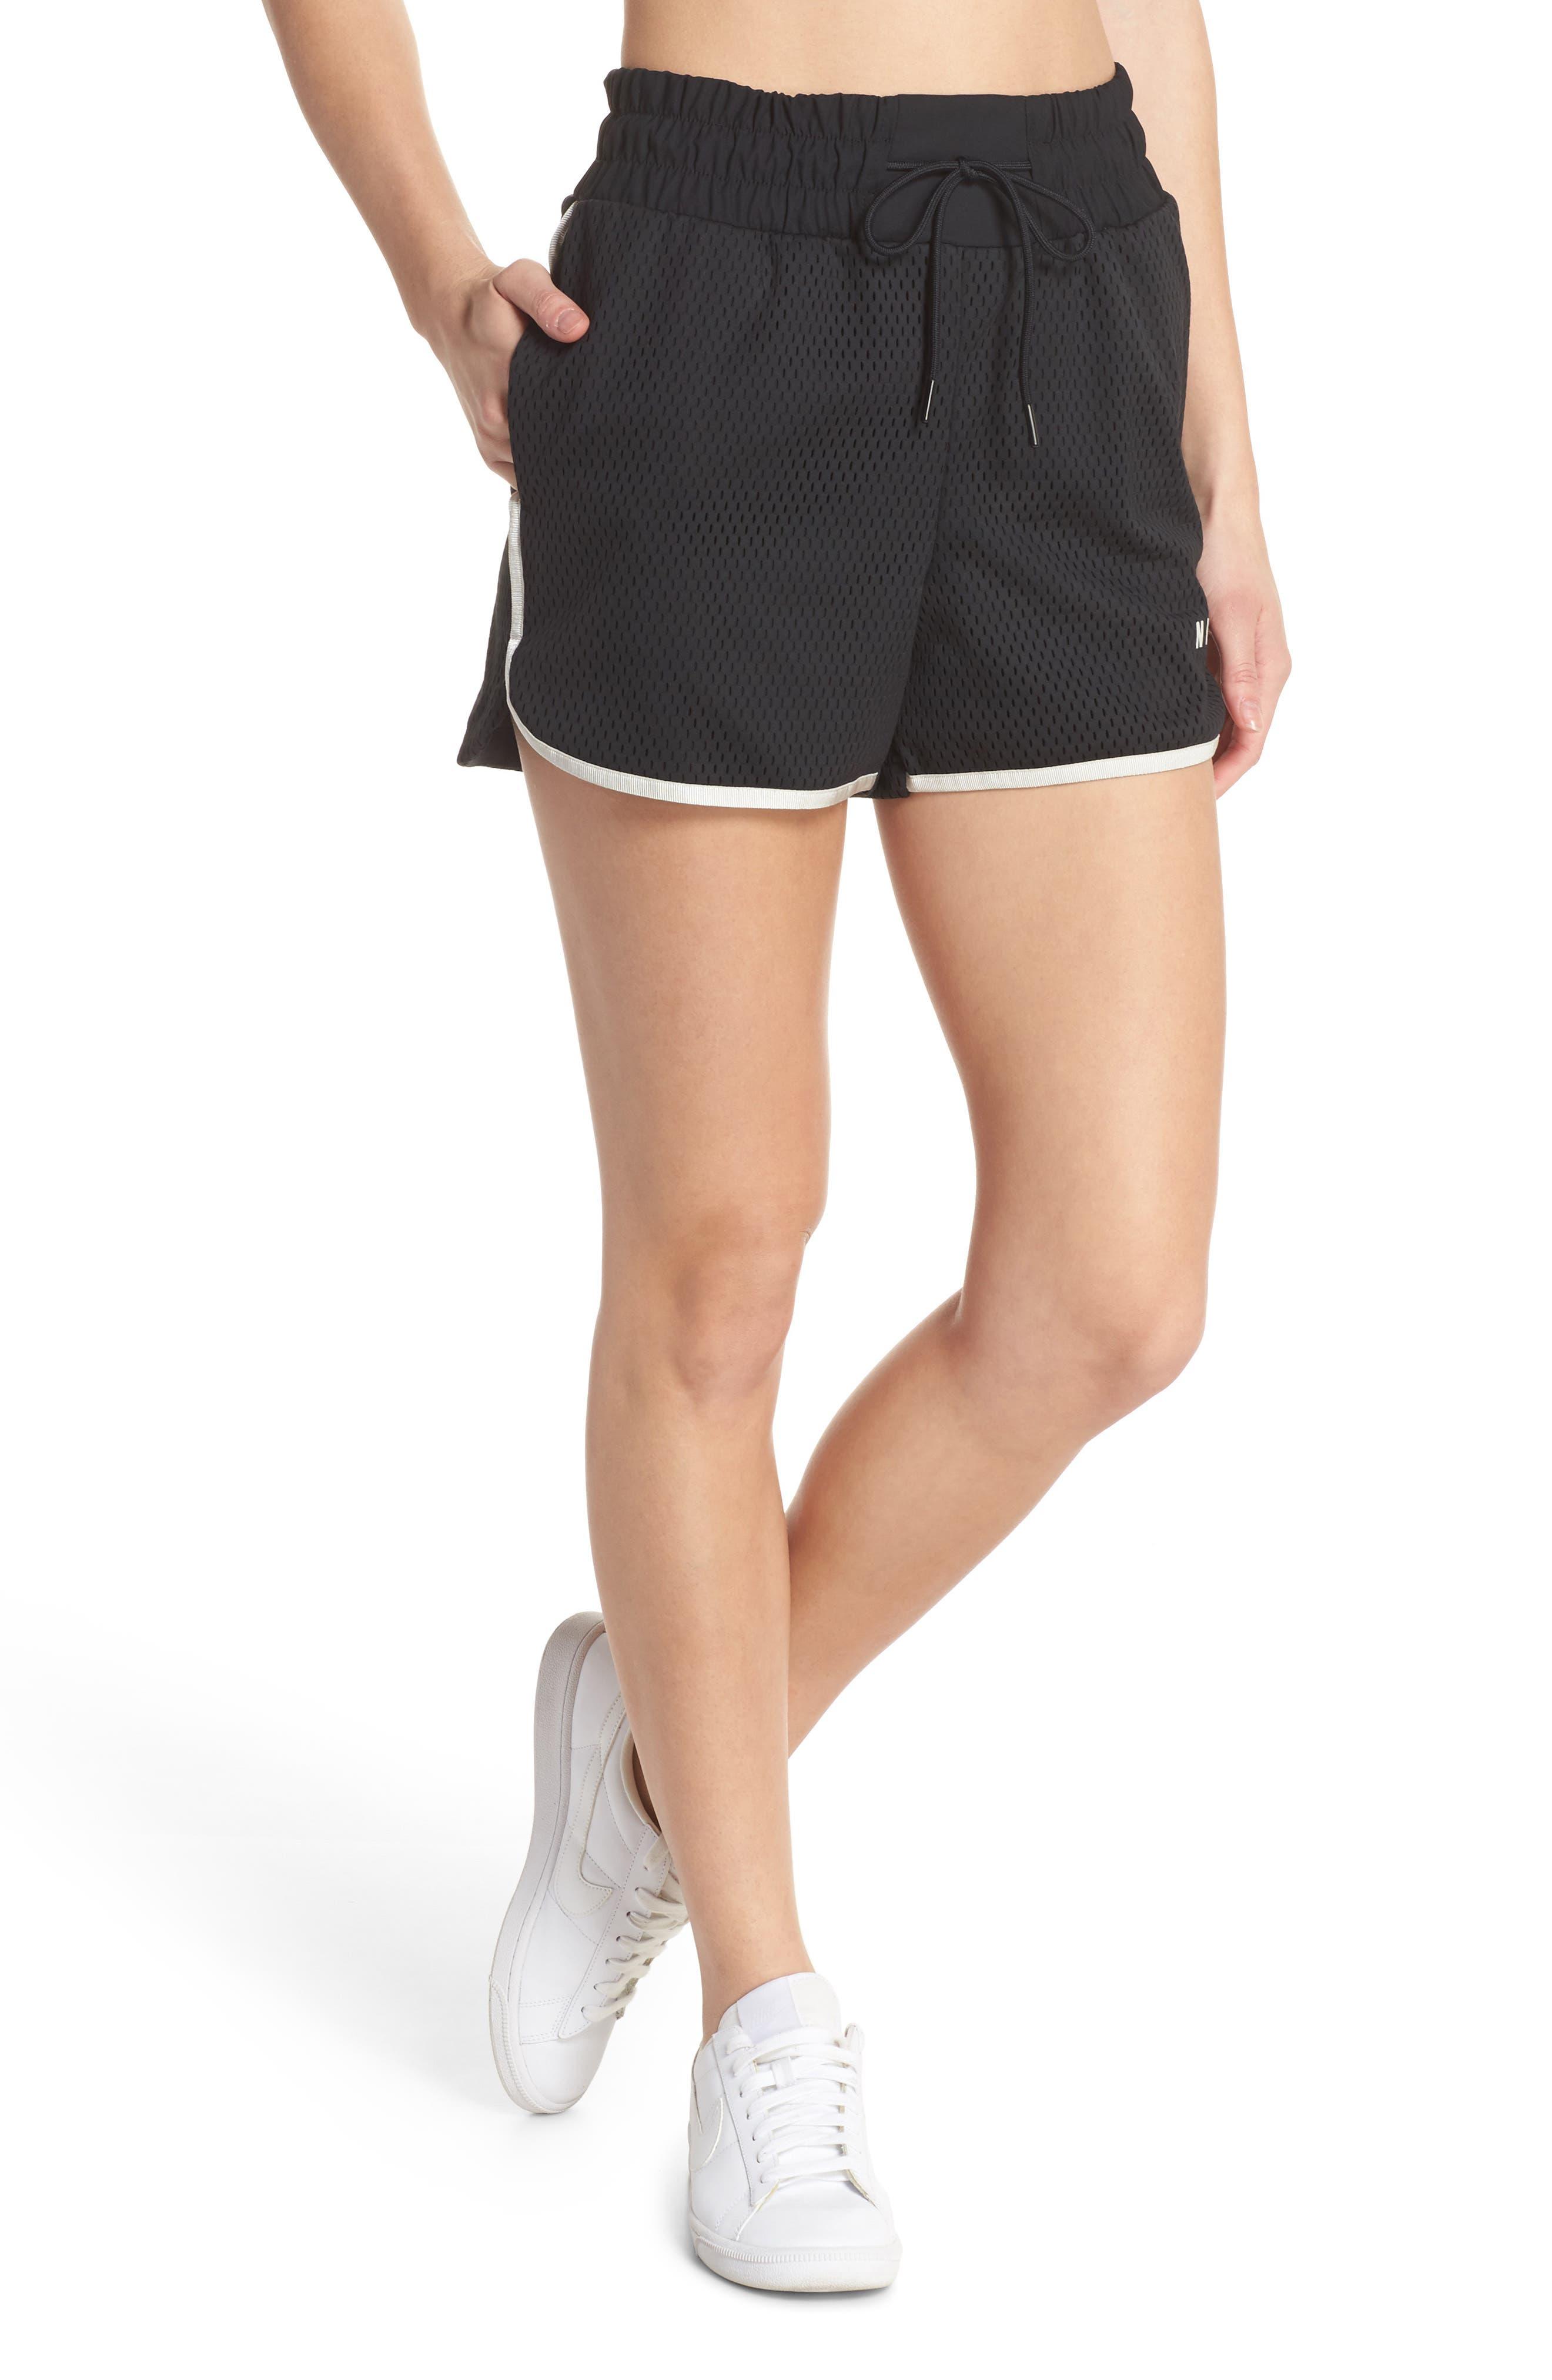 Sportswear Women's Dri-FIT Mesh Shorts,                             Main thumbnail 1, color,                             BLACK/ LIGHT BONE